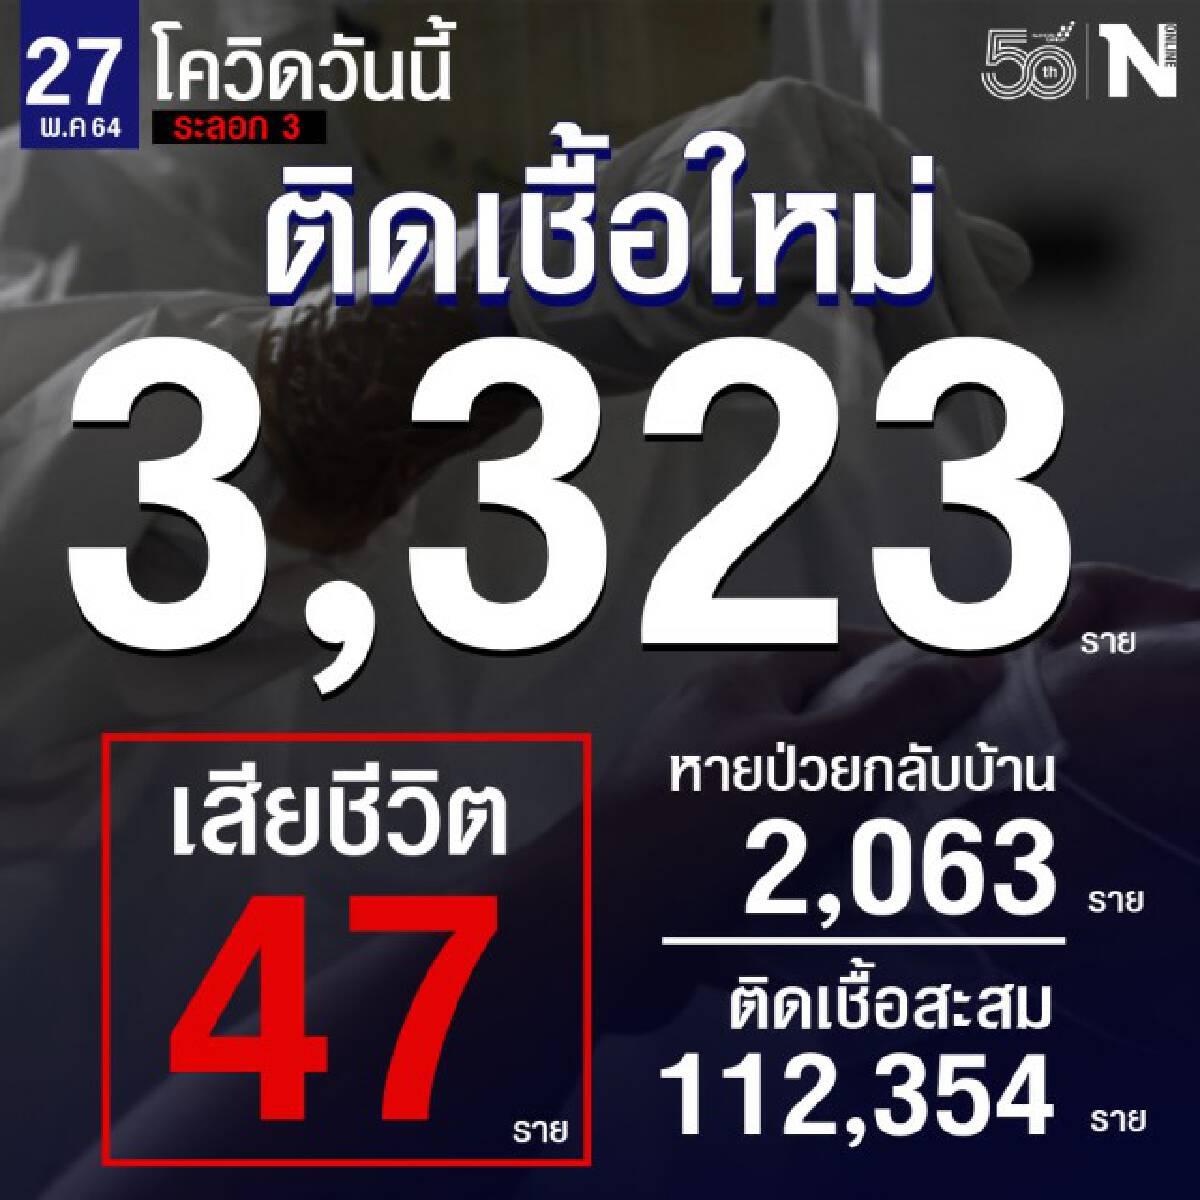 ศบค. เผย เสียชีวิตสูงสุด 47 ราย ยอดผู้ติดเชื้อ 3,323 ราย